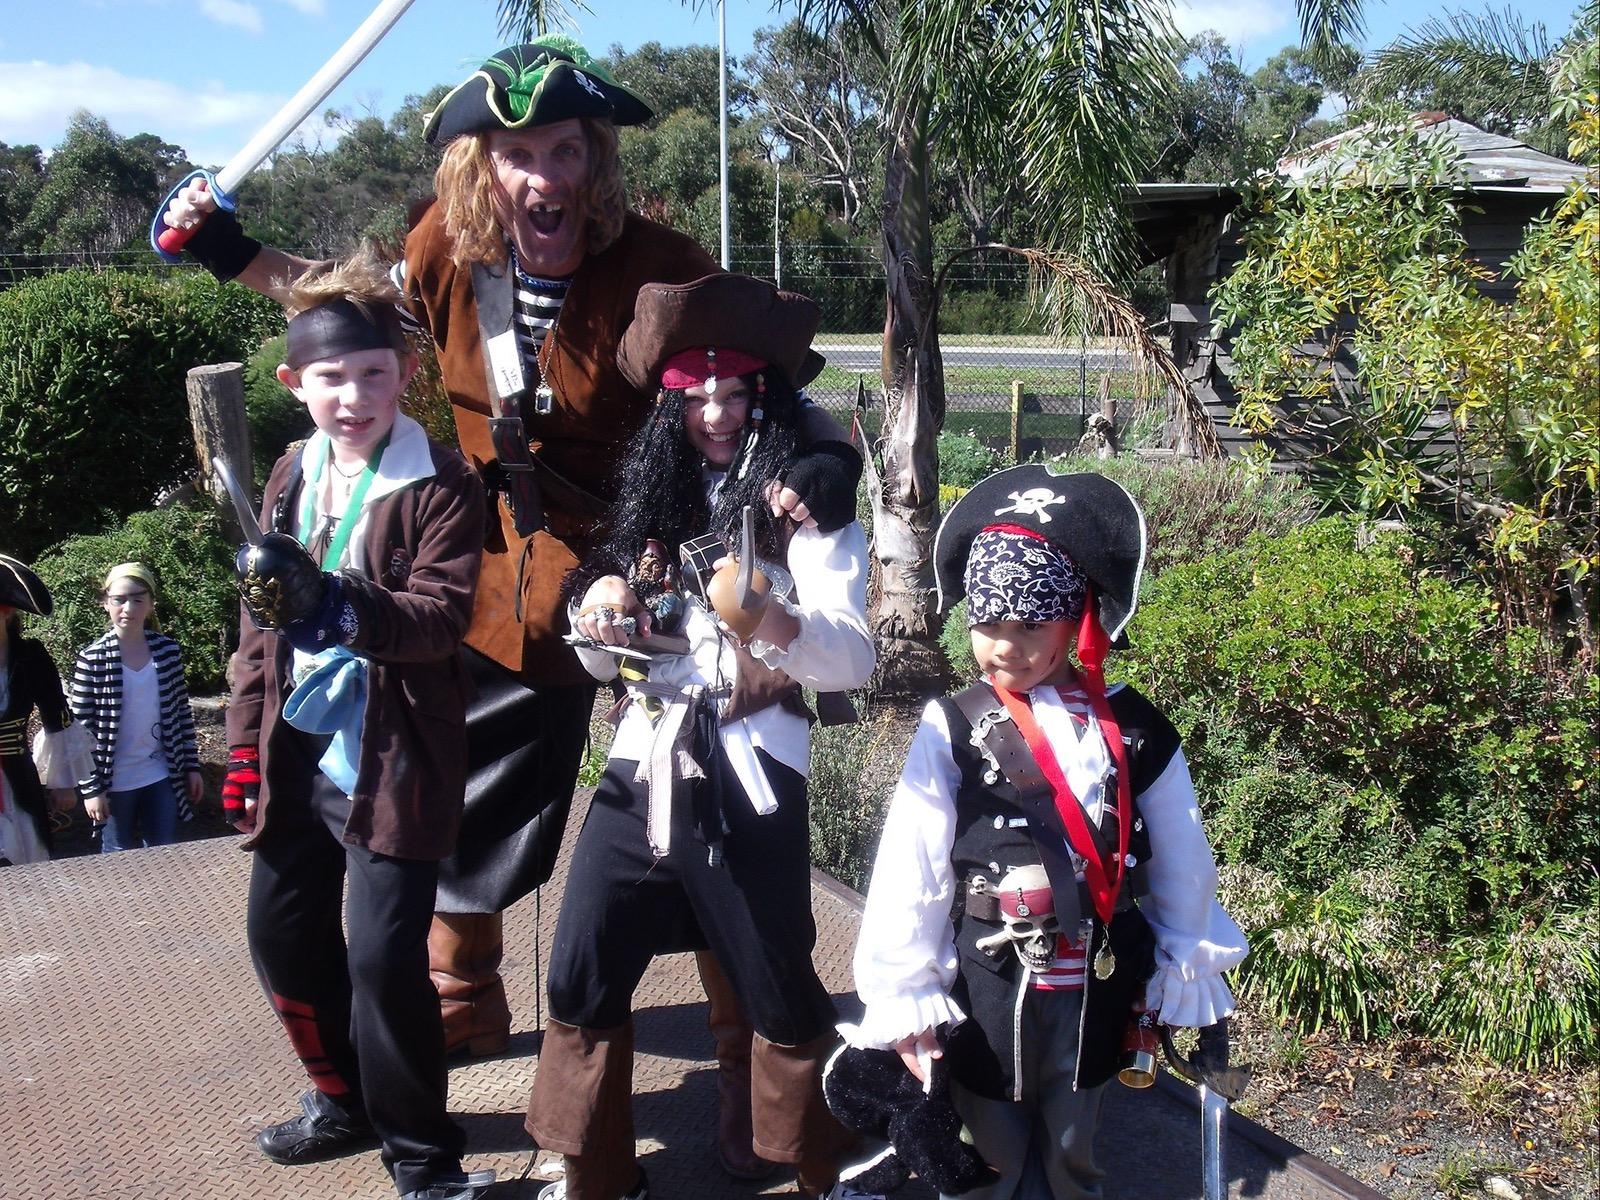 pirate festival family fun